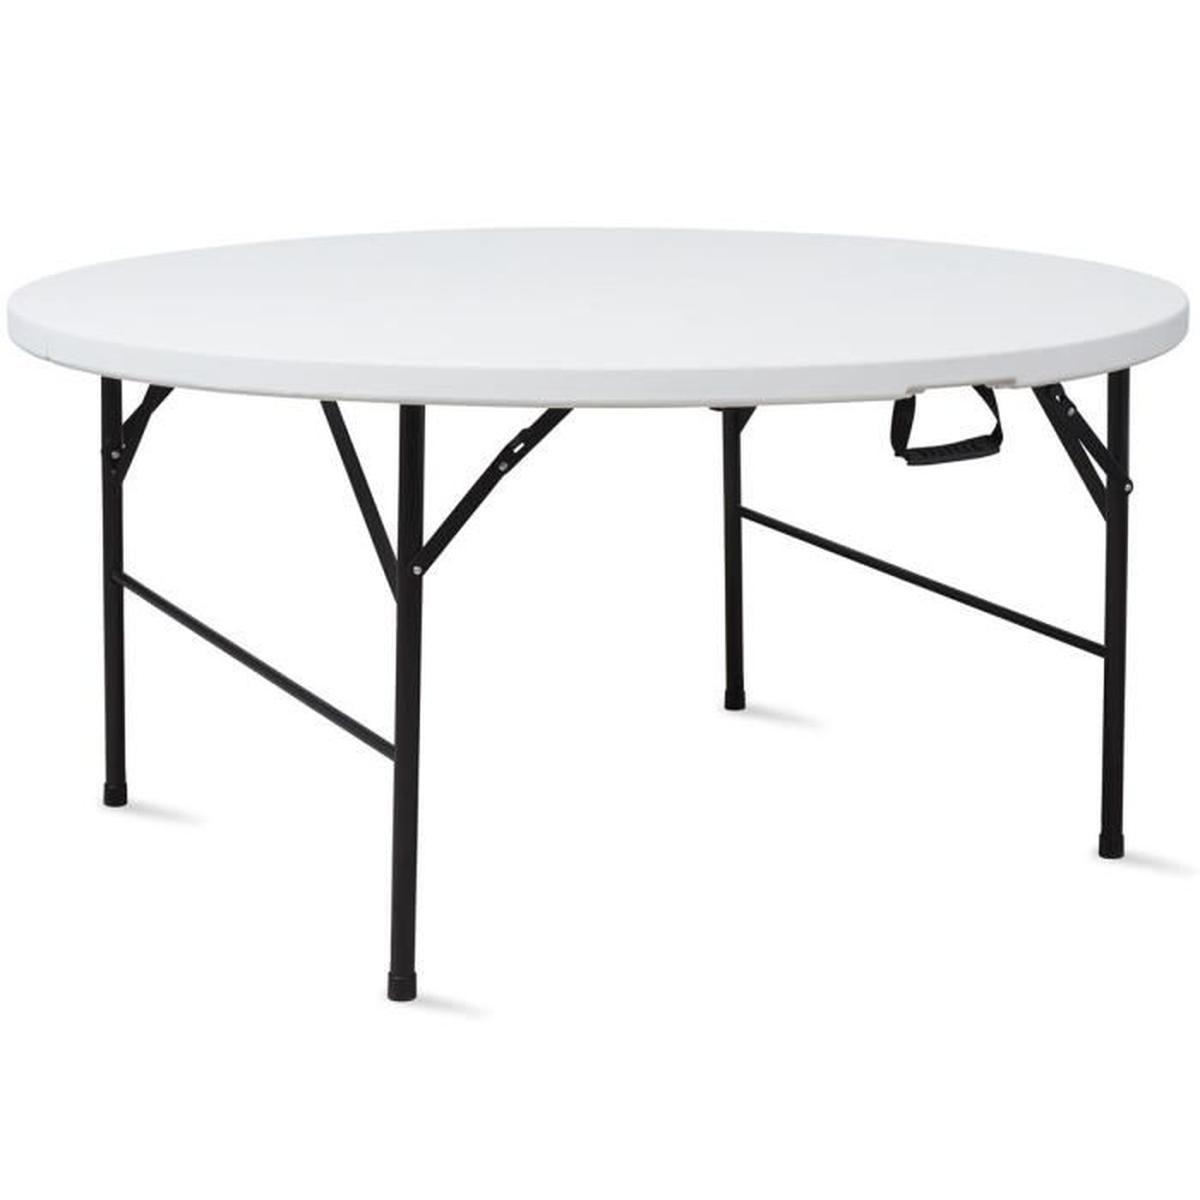 Table Ronde 180 Cm tout Table Jardin Ronde Pas Cher